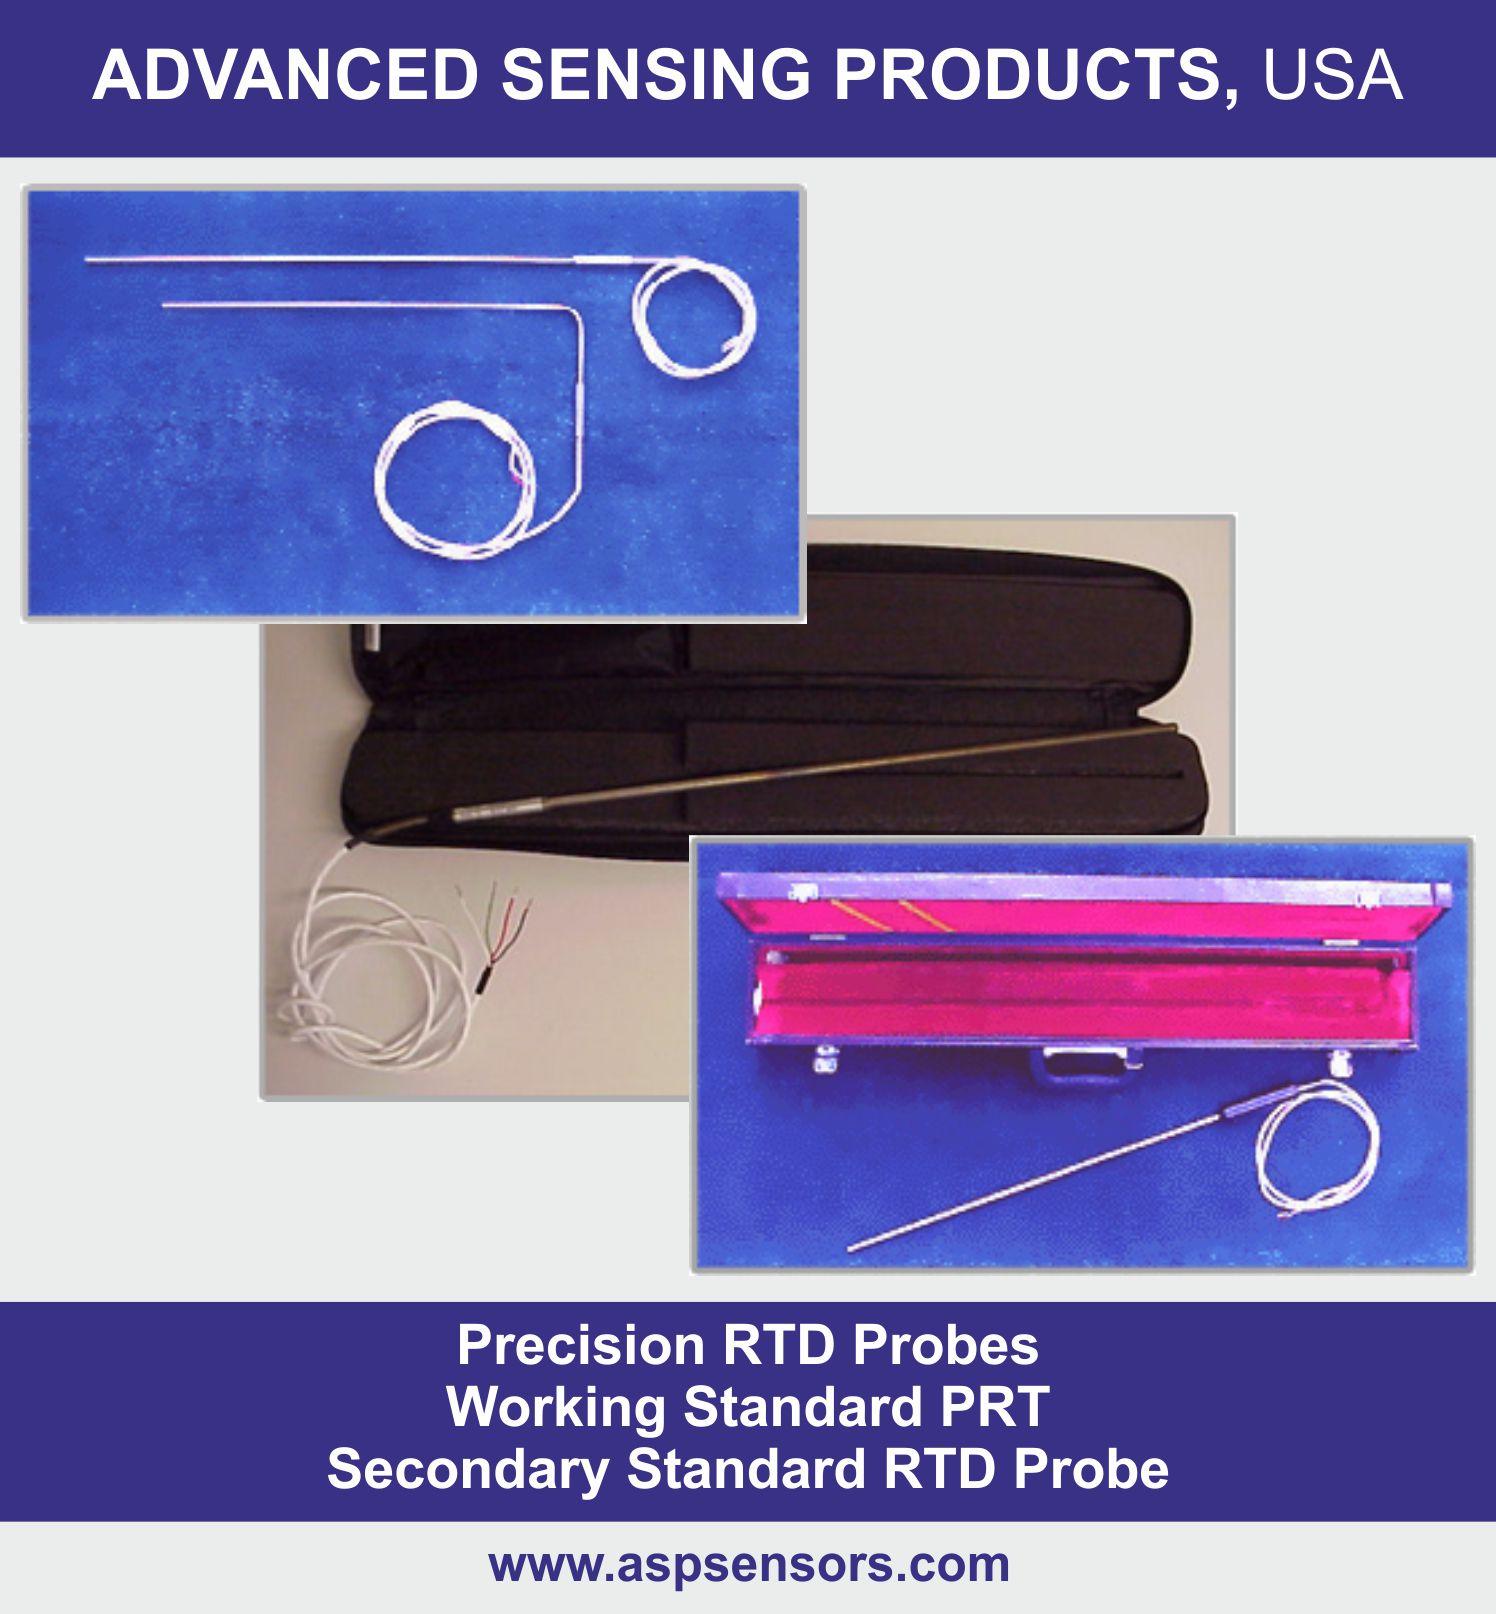 03. ASP Sensors